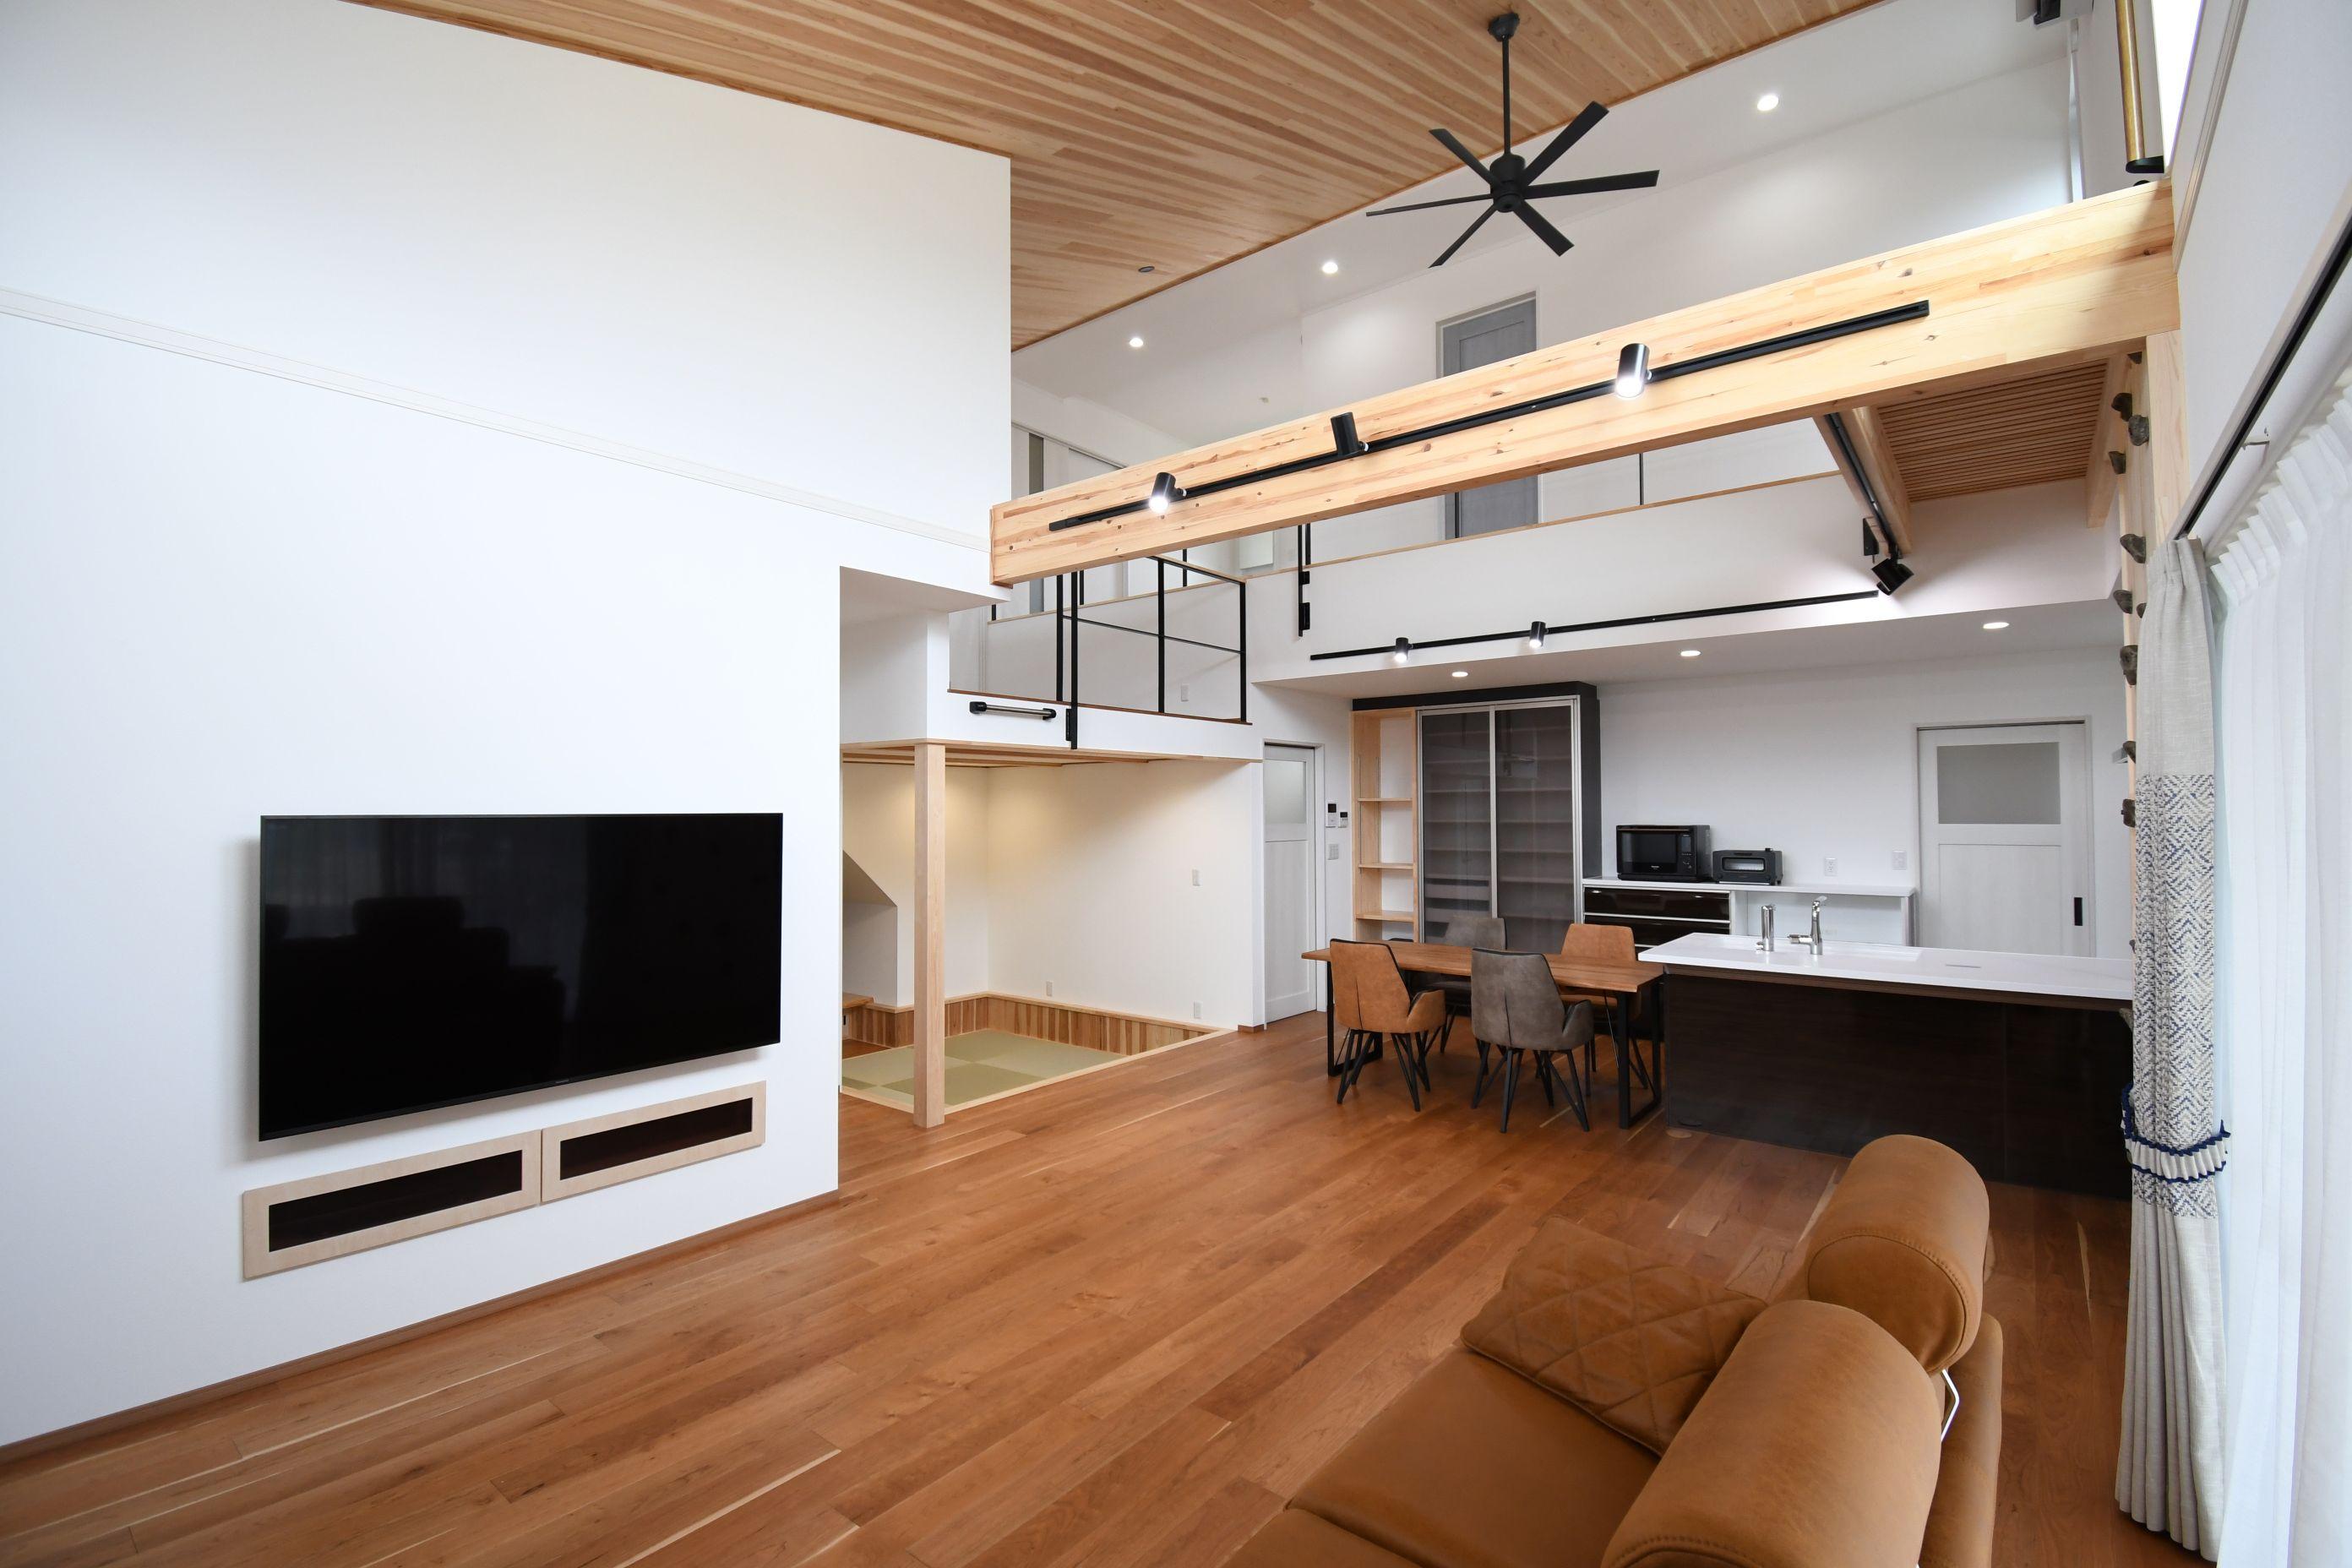 丸七建設興業【デザイン住宅、高級住宅、間取り】吹き抜けのある大空間のLDK。実際以上の広さを感じる見事な設計